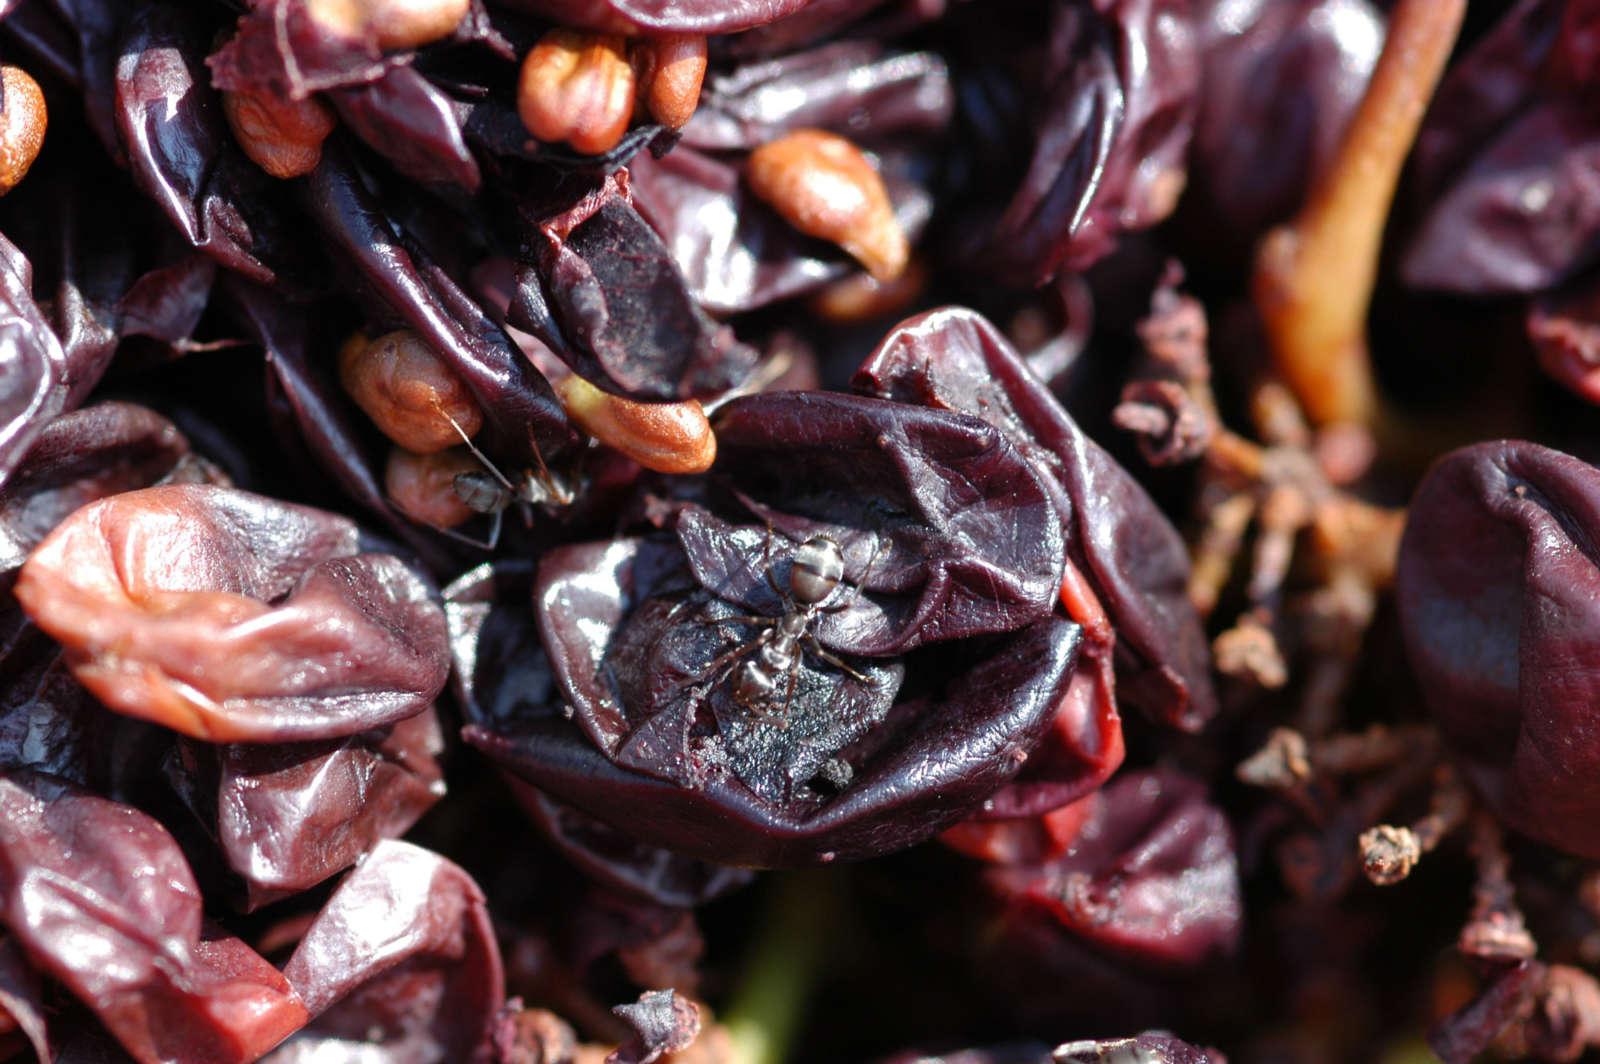 Vinacce ricche di polifenoli